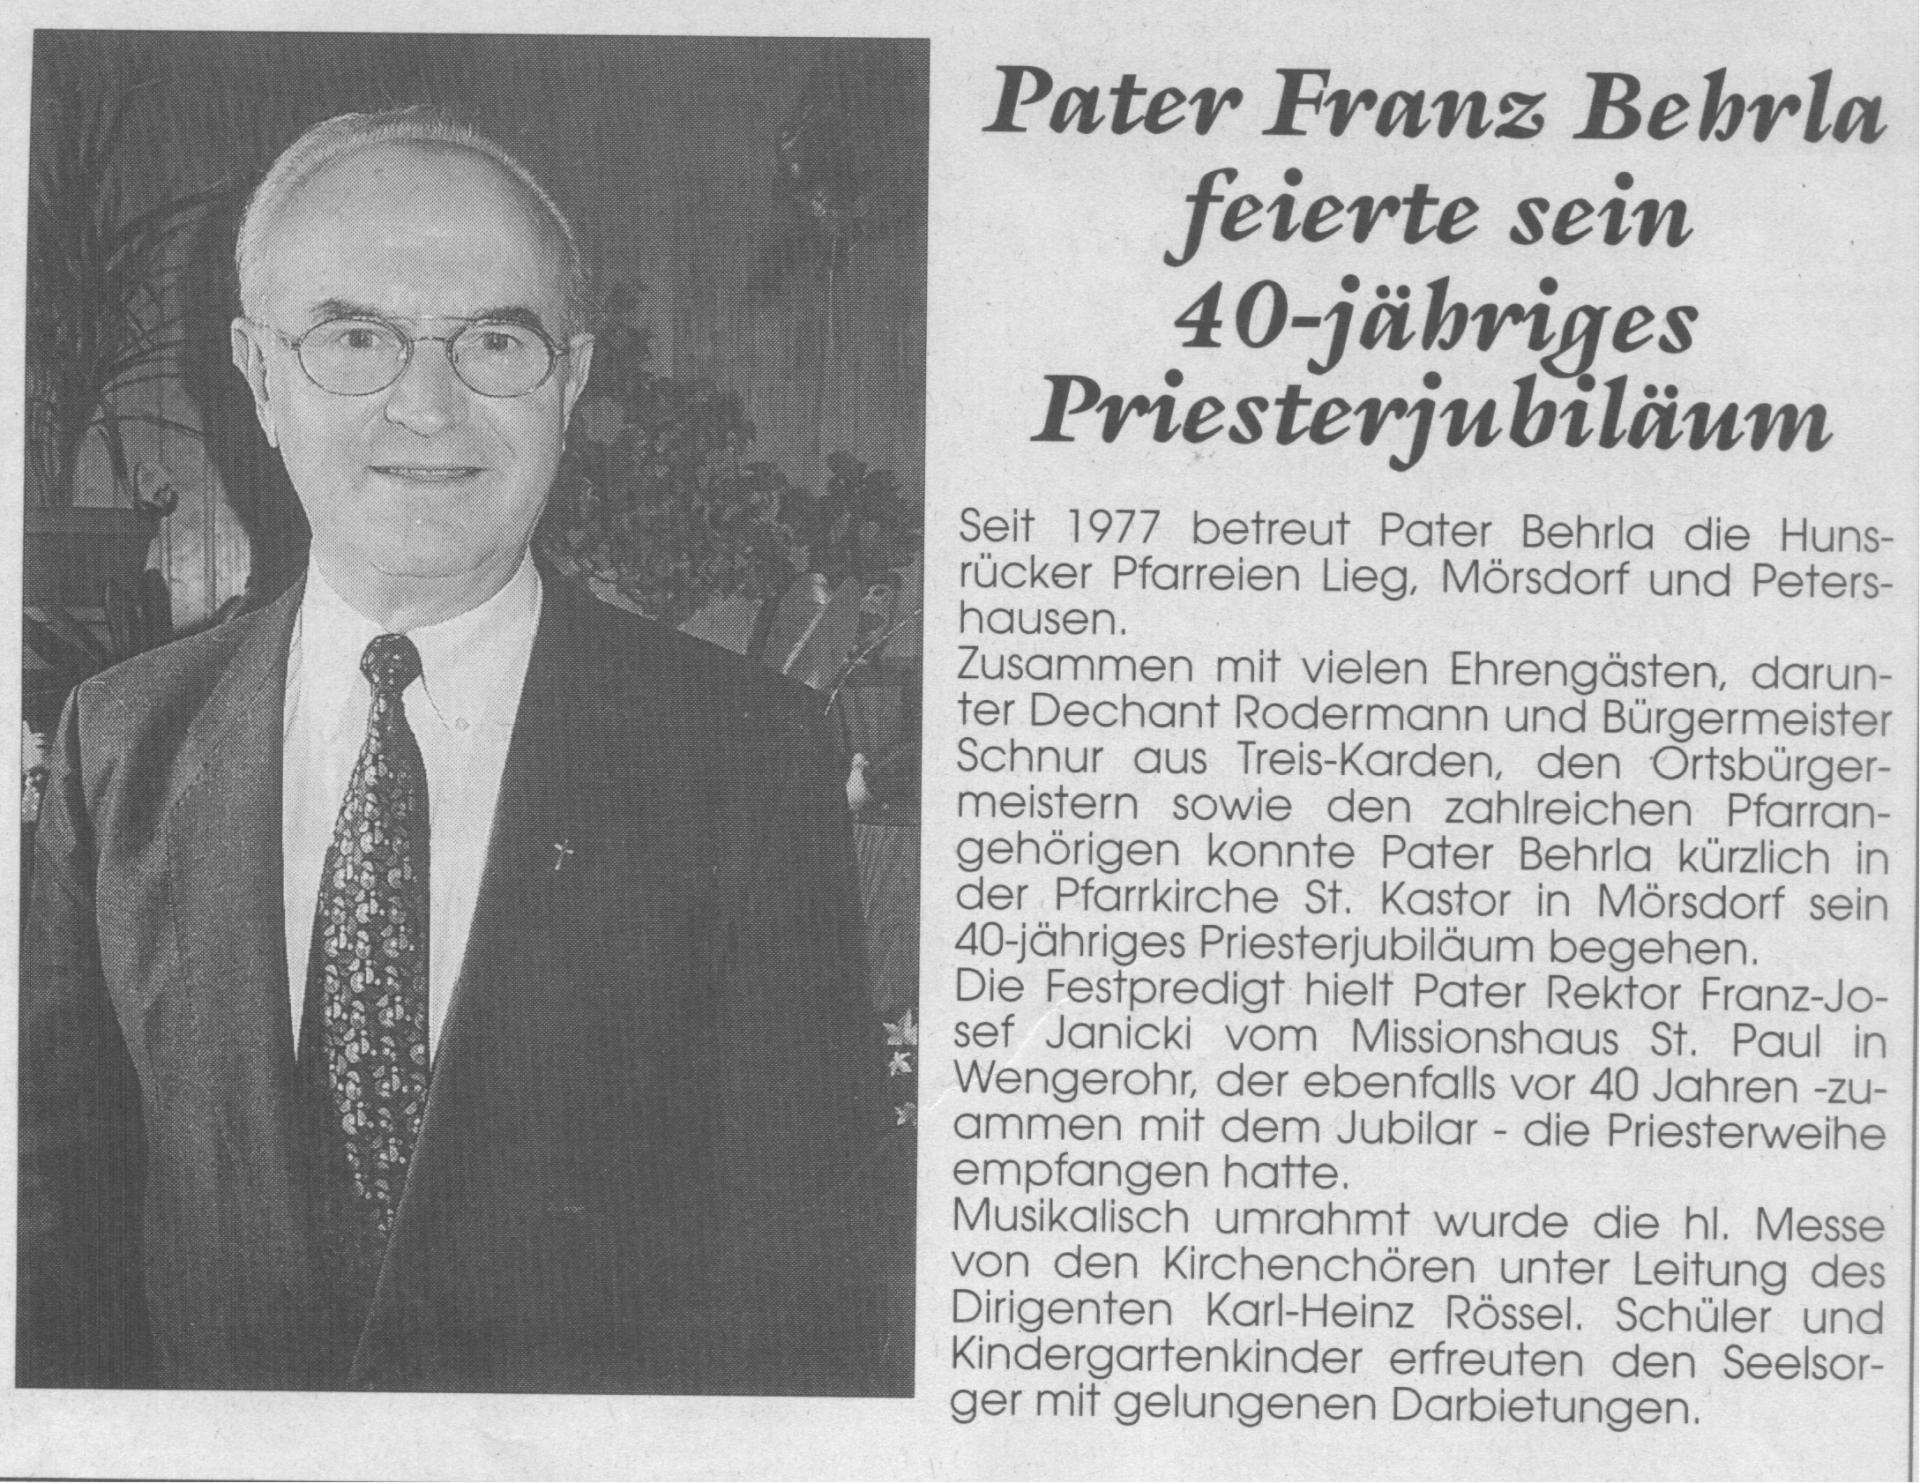 Pater Franz